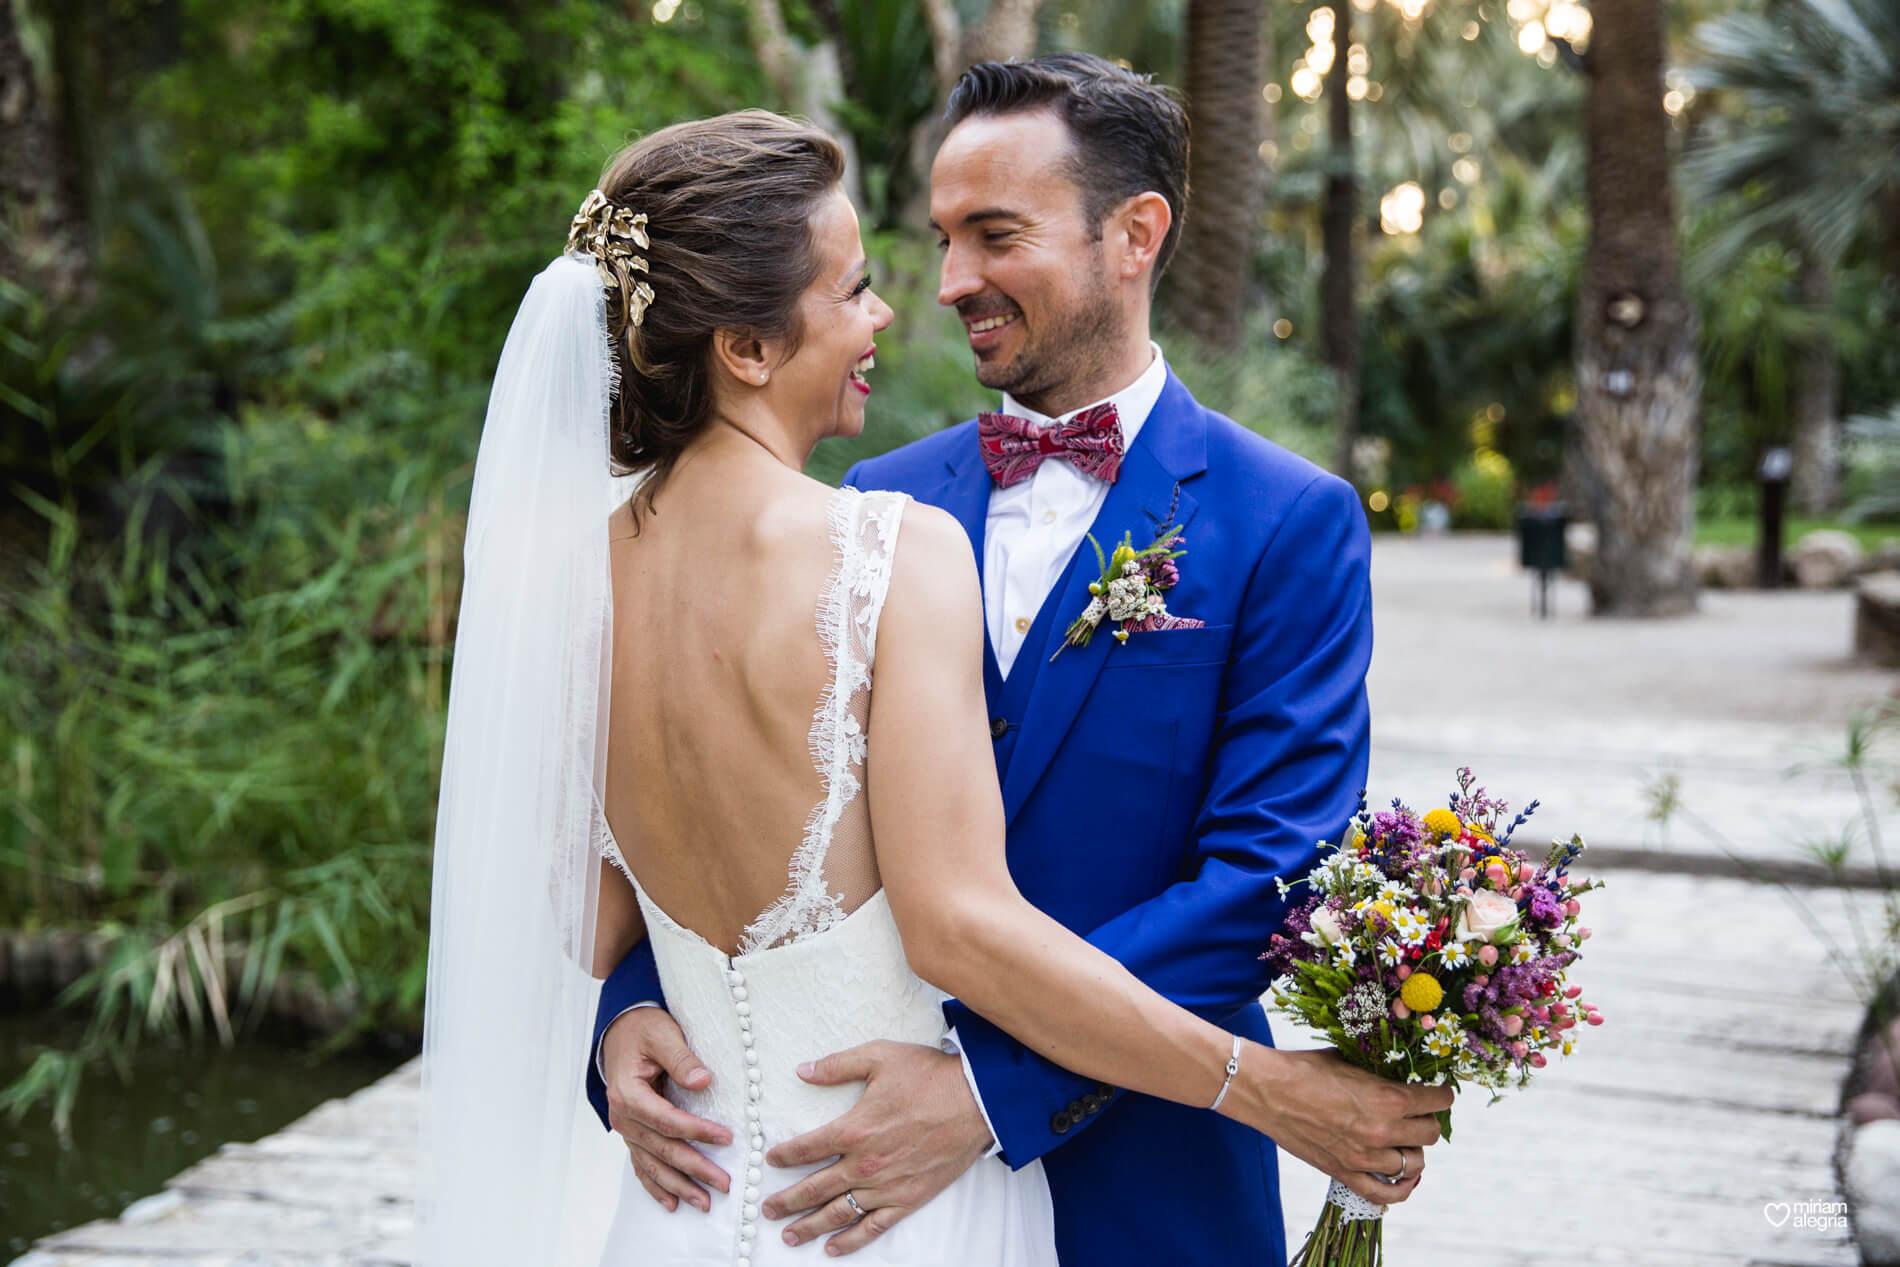 wedding-huerto-del-cura-elche-miriam-alegria-fotografos-boda-33